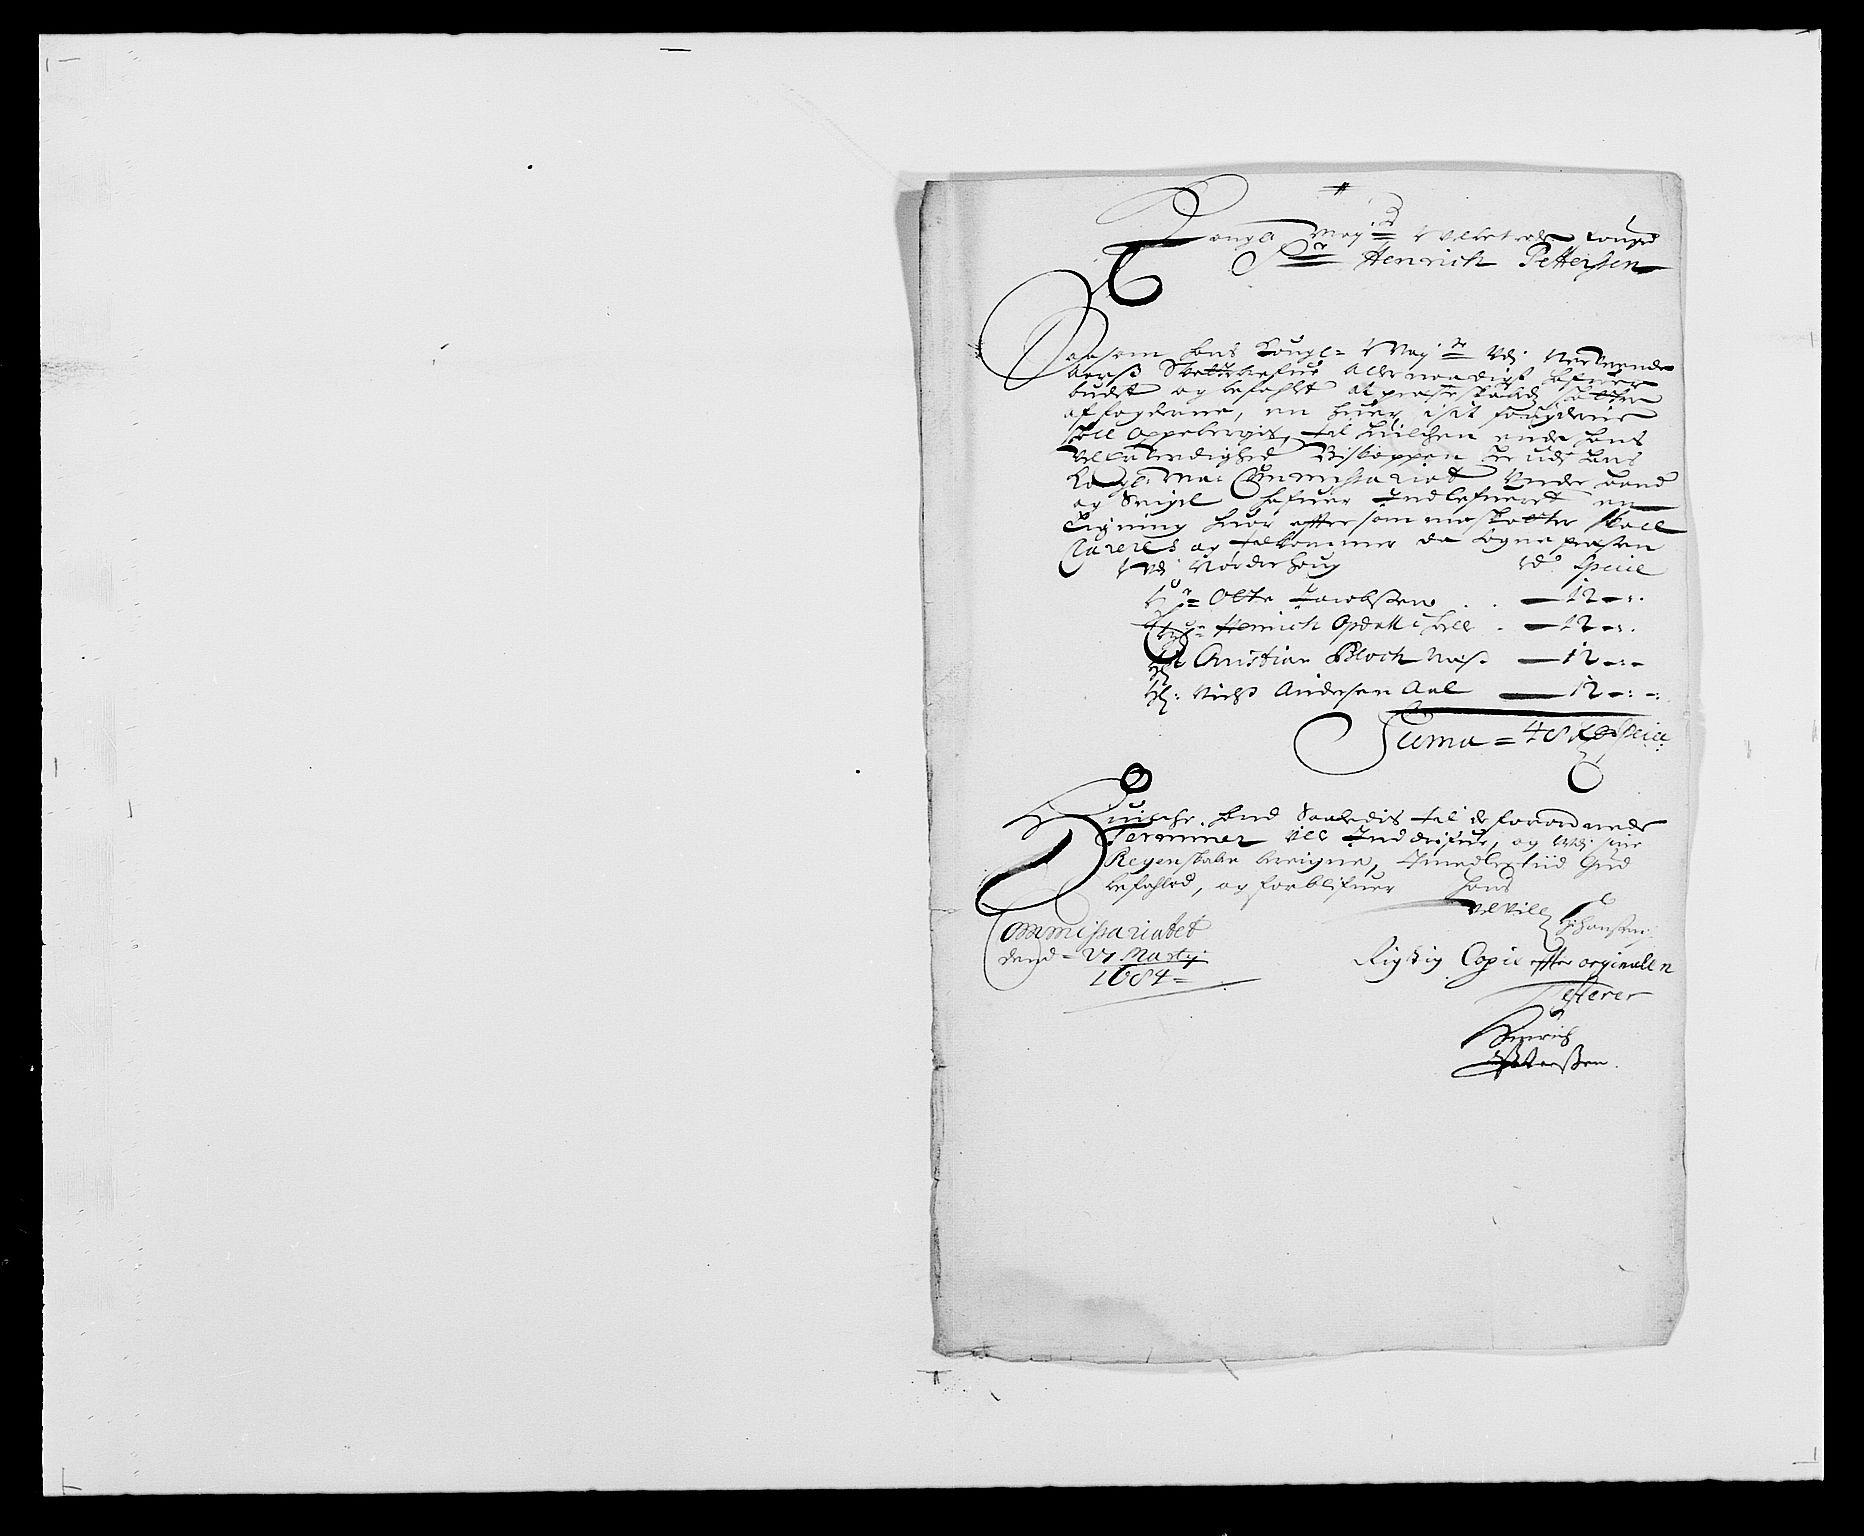 RA, Rentekammeret inntil 1814, Reviderte regnskaper, Fogderegnskap, R21/L1446: Fogderegnskap Ringerike og Hallingdal, 1683-1686, s. 265